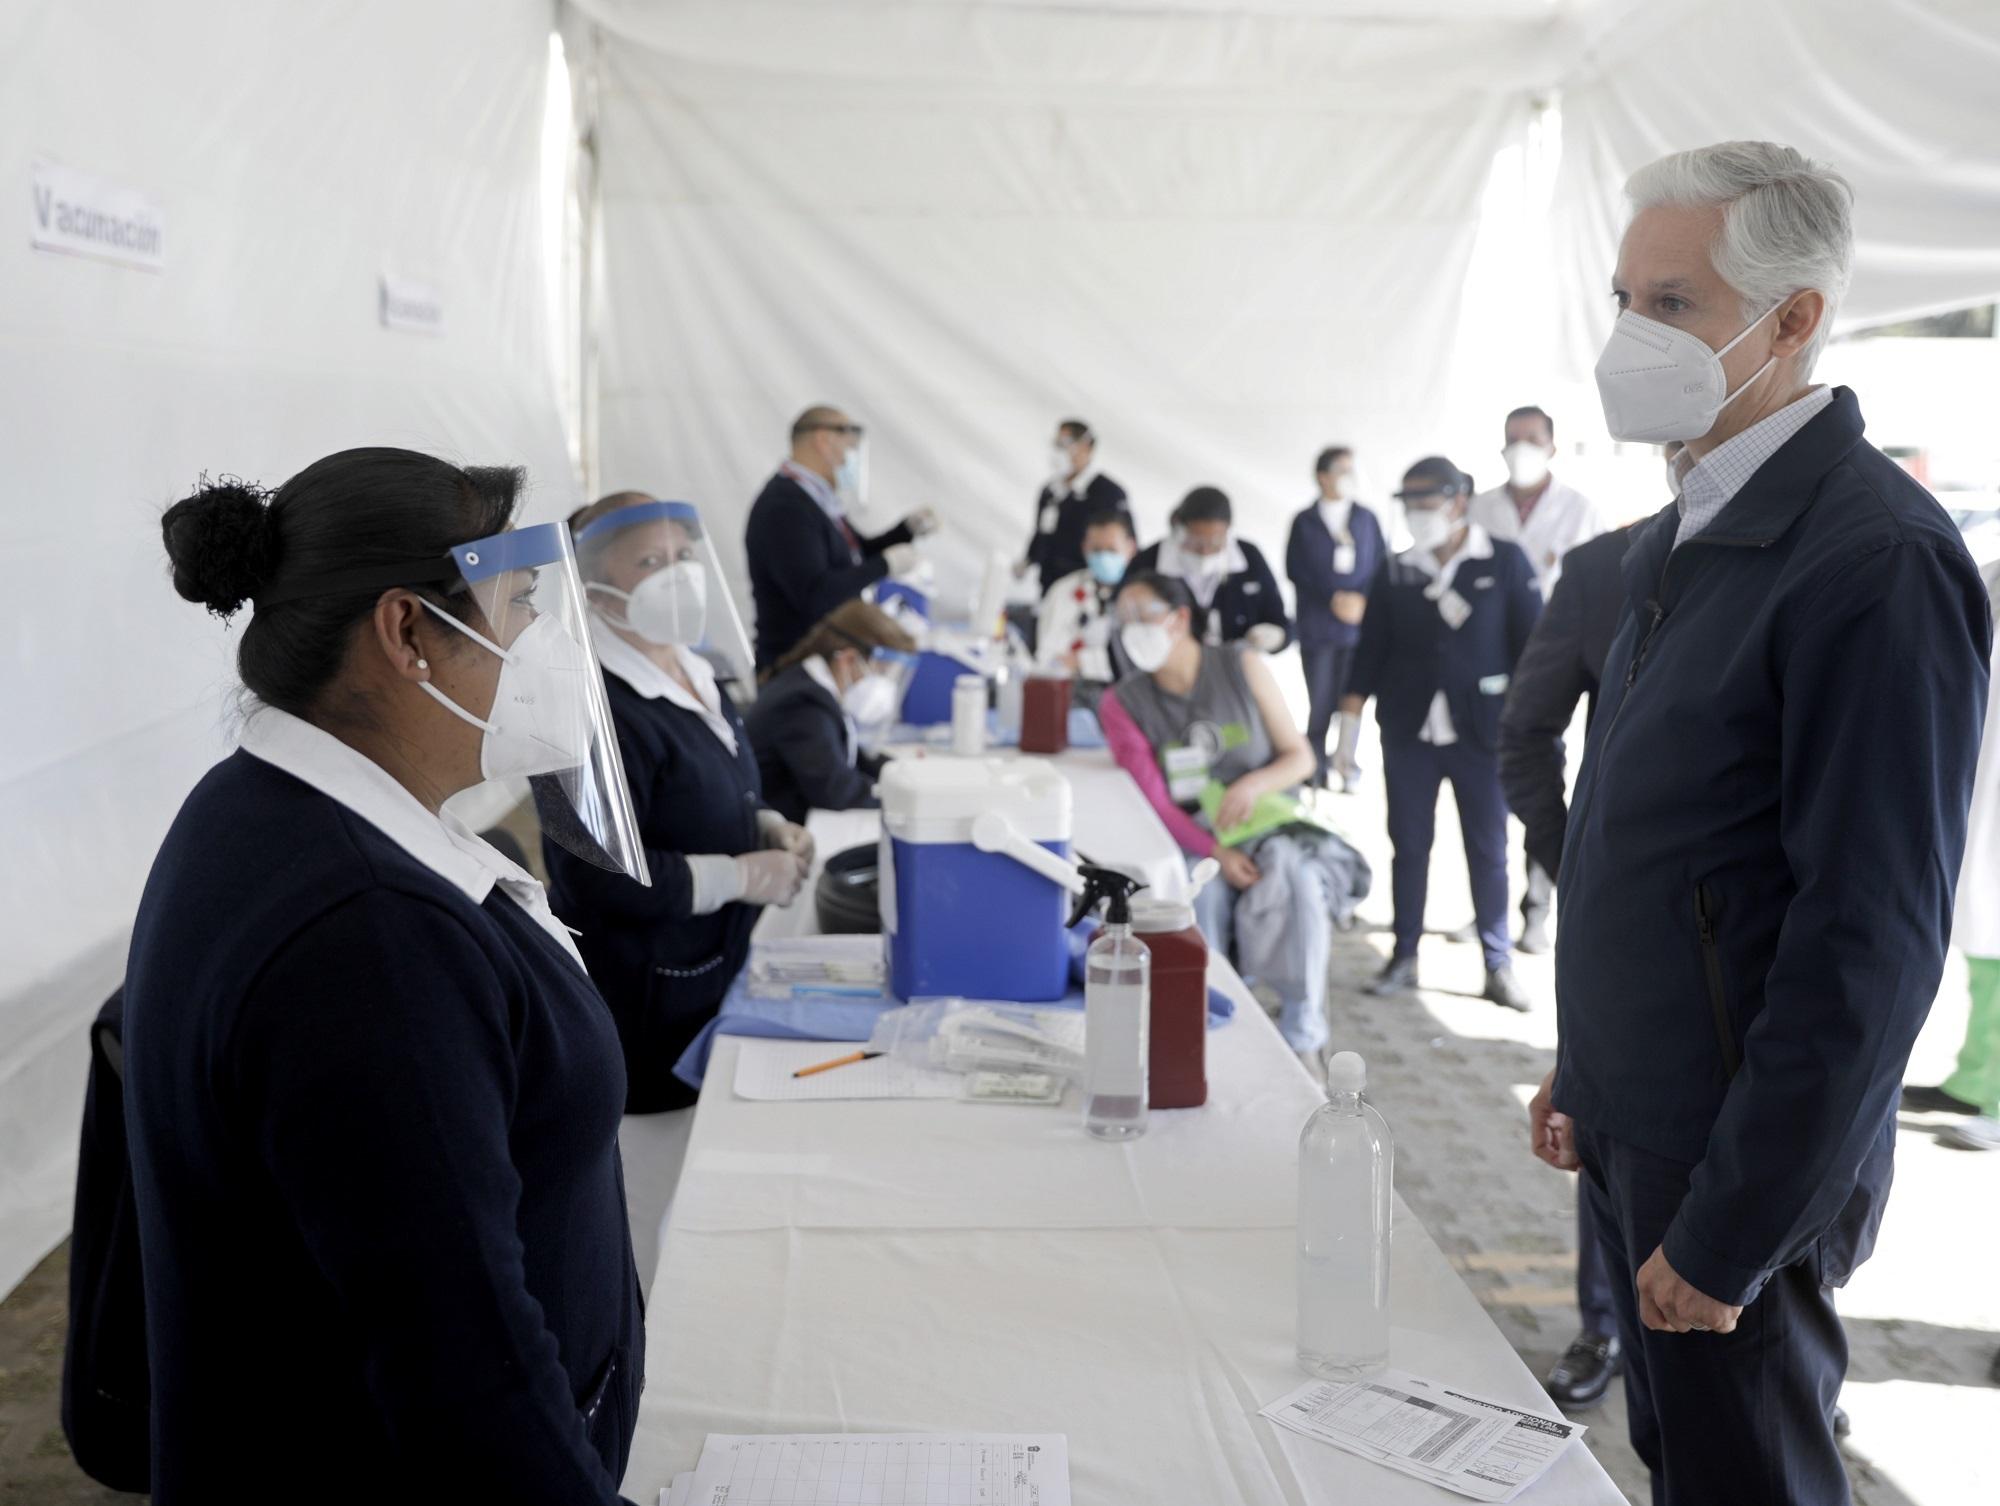 De acuerdo a un comunicado oficial del gobierno del Estado de México (Edomex) la jornada de vacunación para el personal de salud de primer nivel de atención dentro de la entidad mexiquense